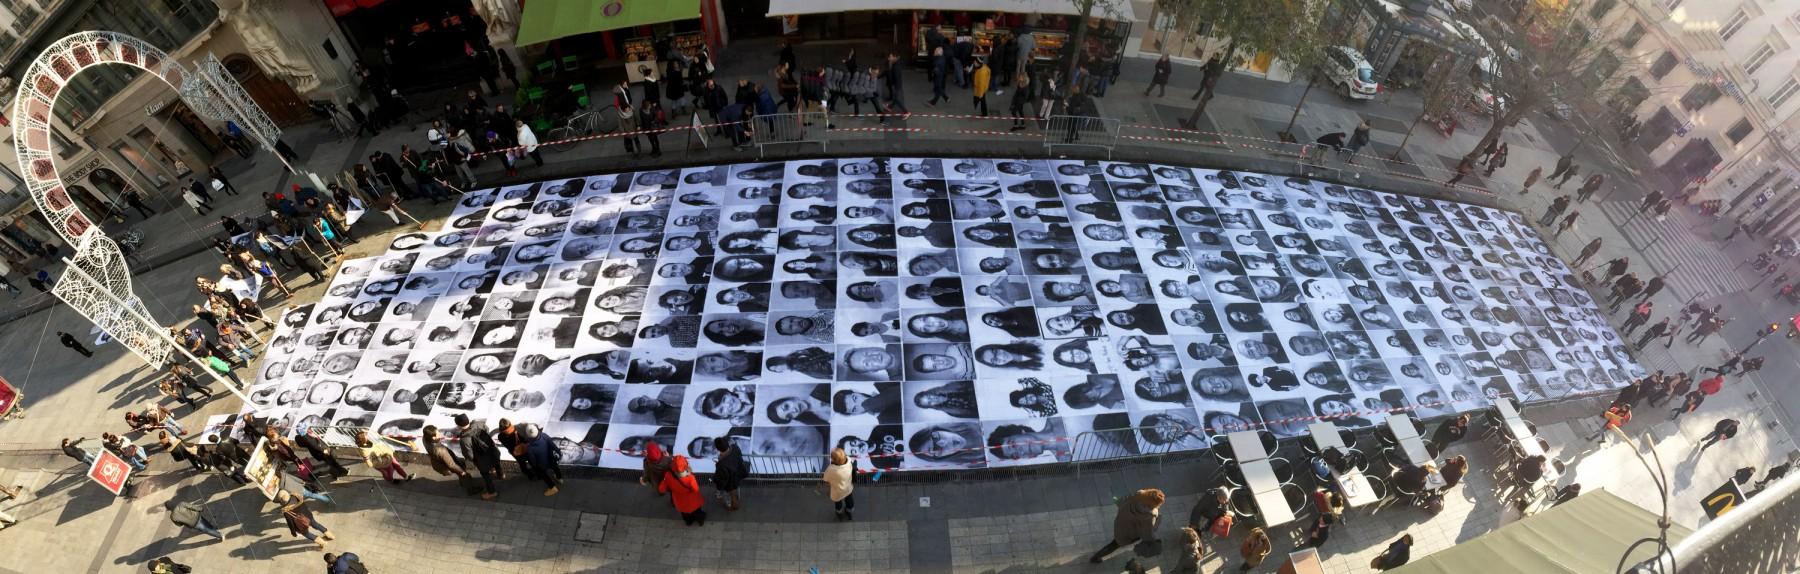 marche-des-beurs-photographie-JR-lyon